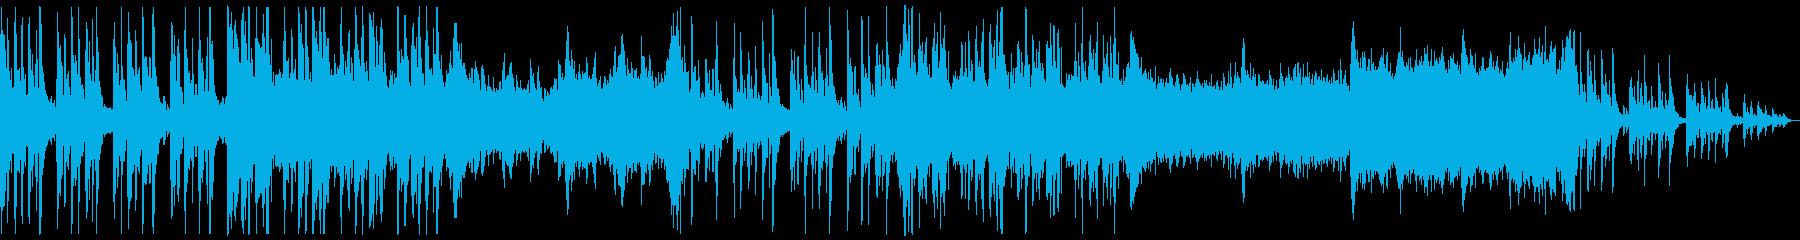 不気味なホラー曲 ストリングと木管系の再生済みの波形